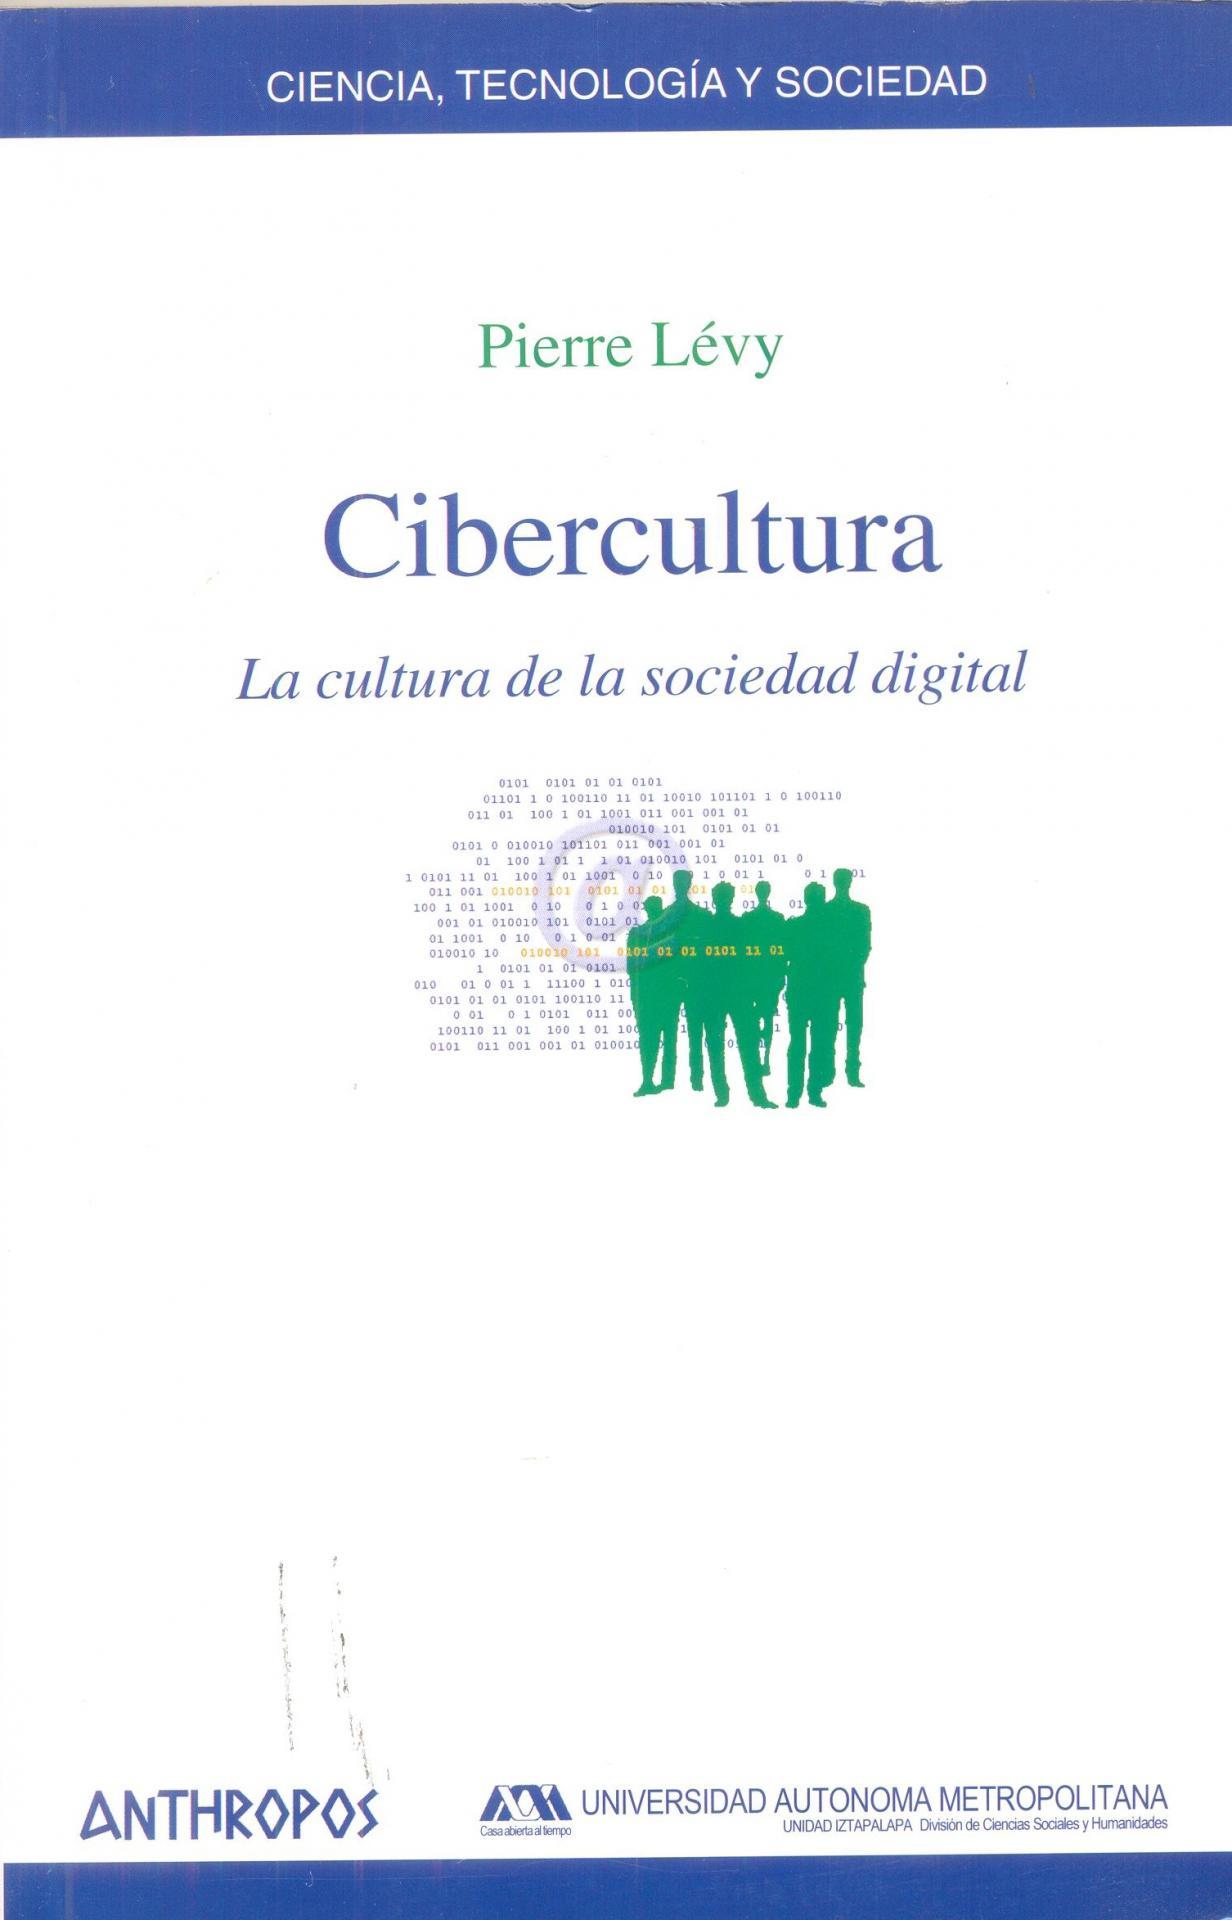 CIBERCULTURA. La cultura de la sociedad digital. Lévy, P.